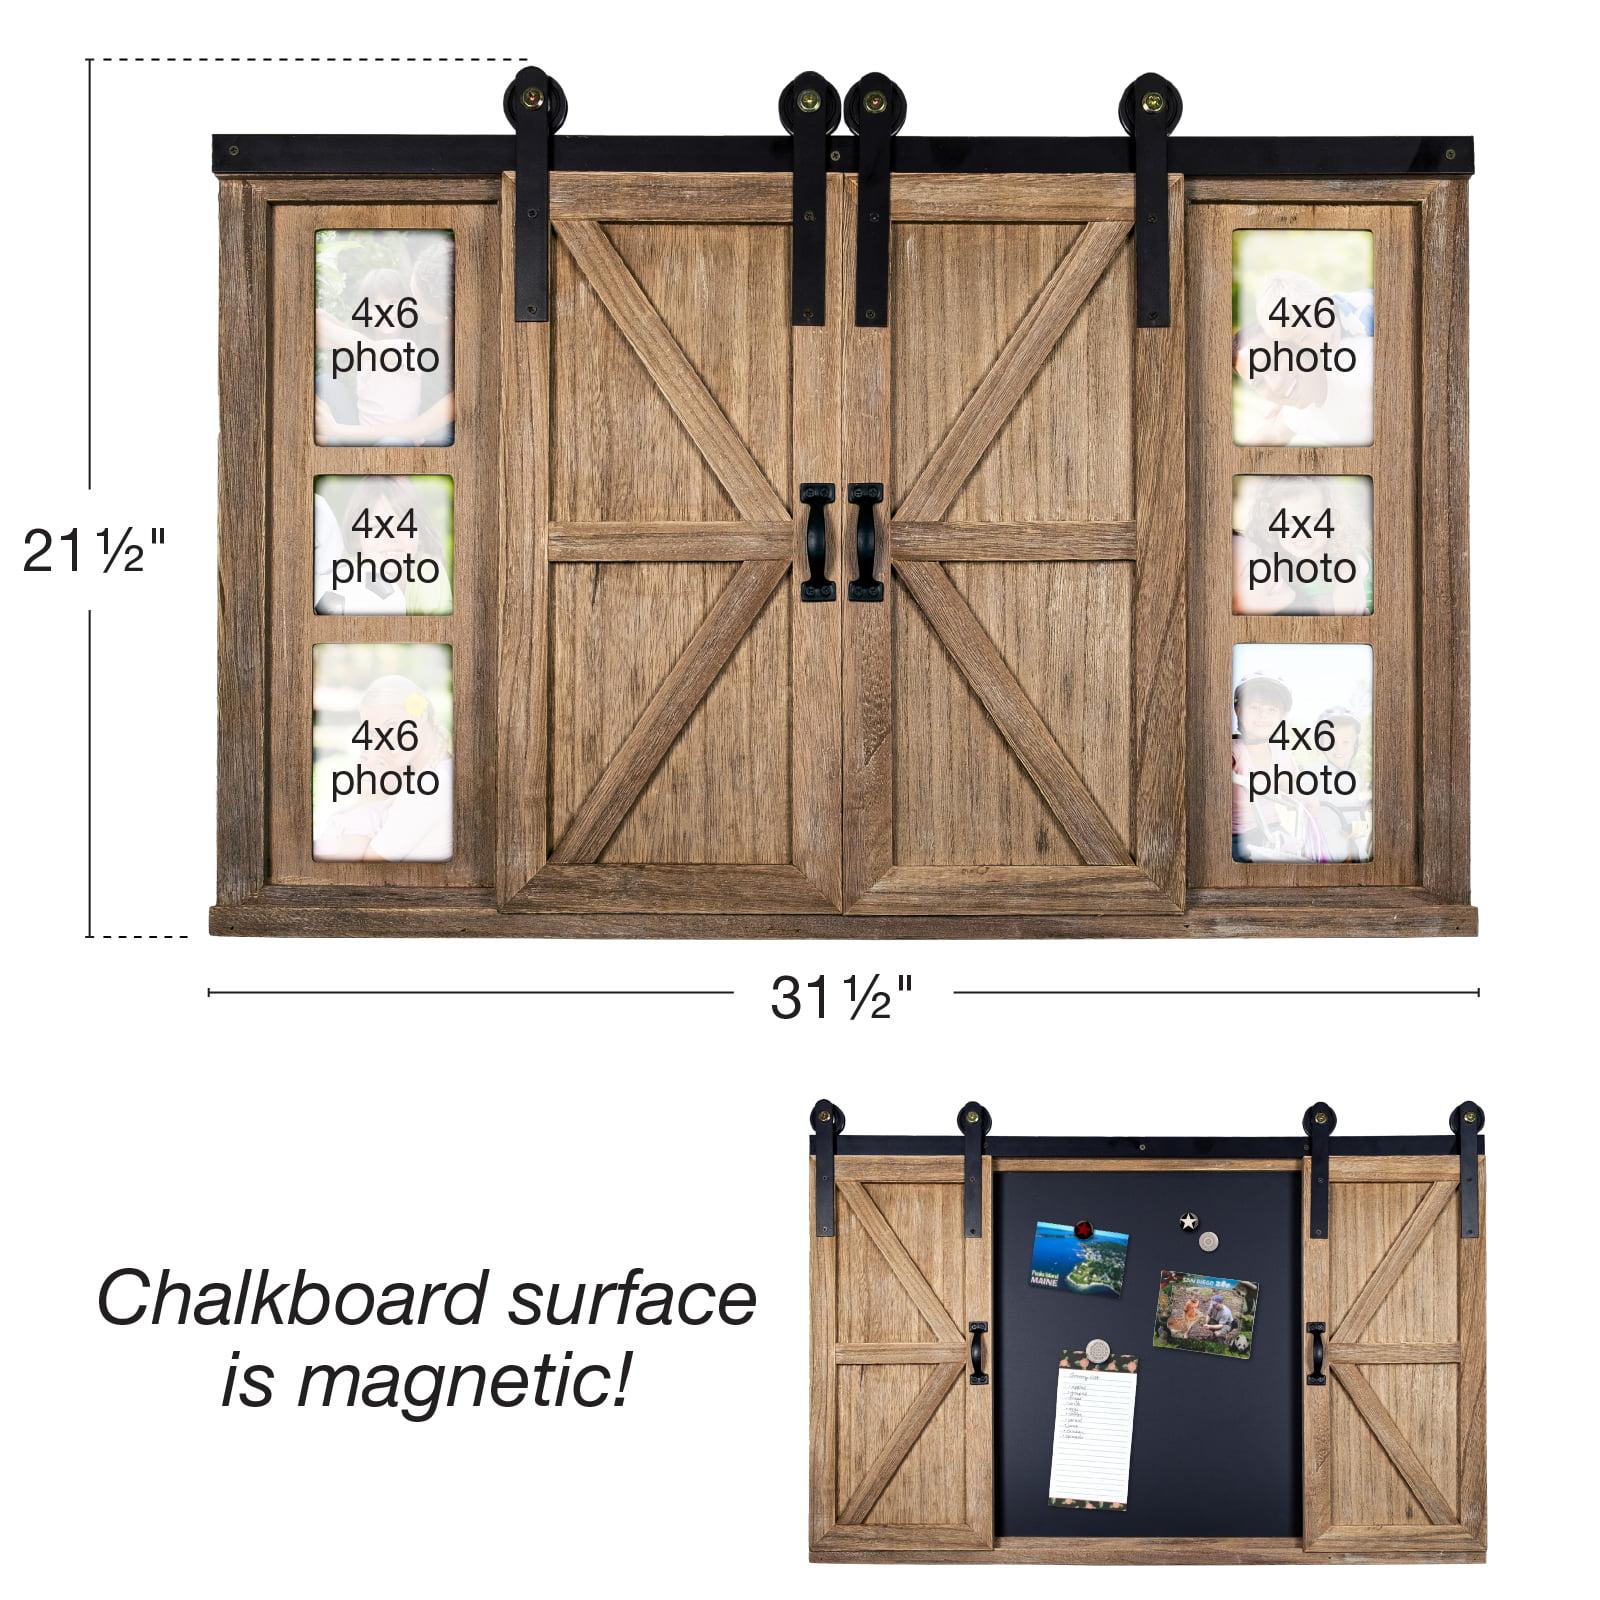 Rustic Wood Chalkboard With Four 4x6 Hideaway Photos Barndoor Dcor Egp Hd 0148 Walmart Com Walmart Com